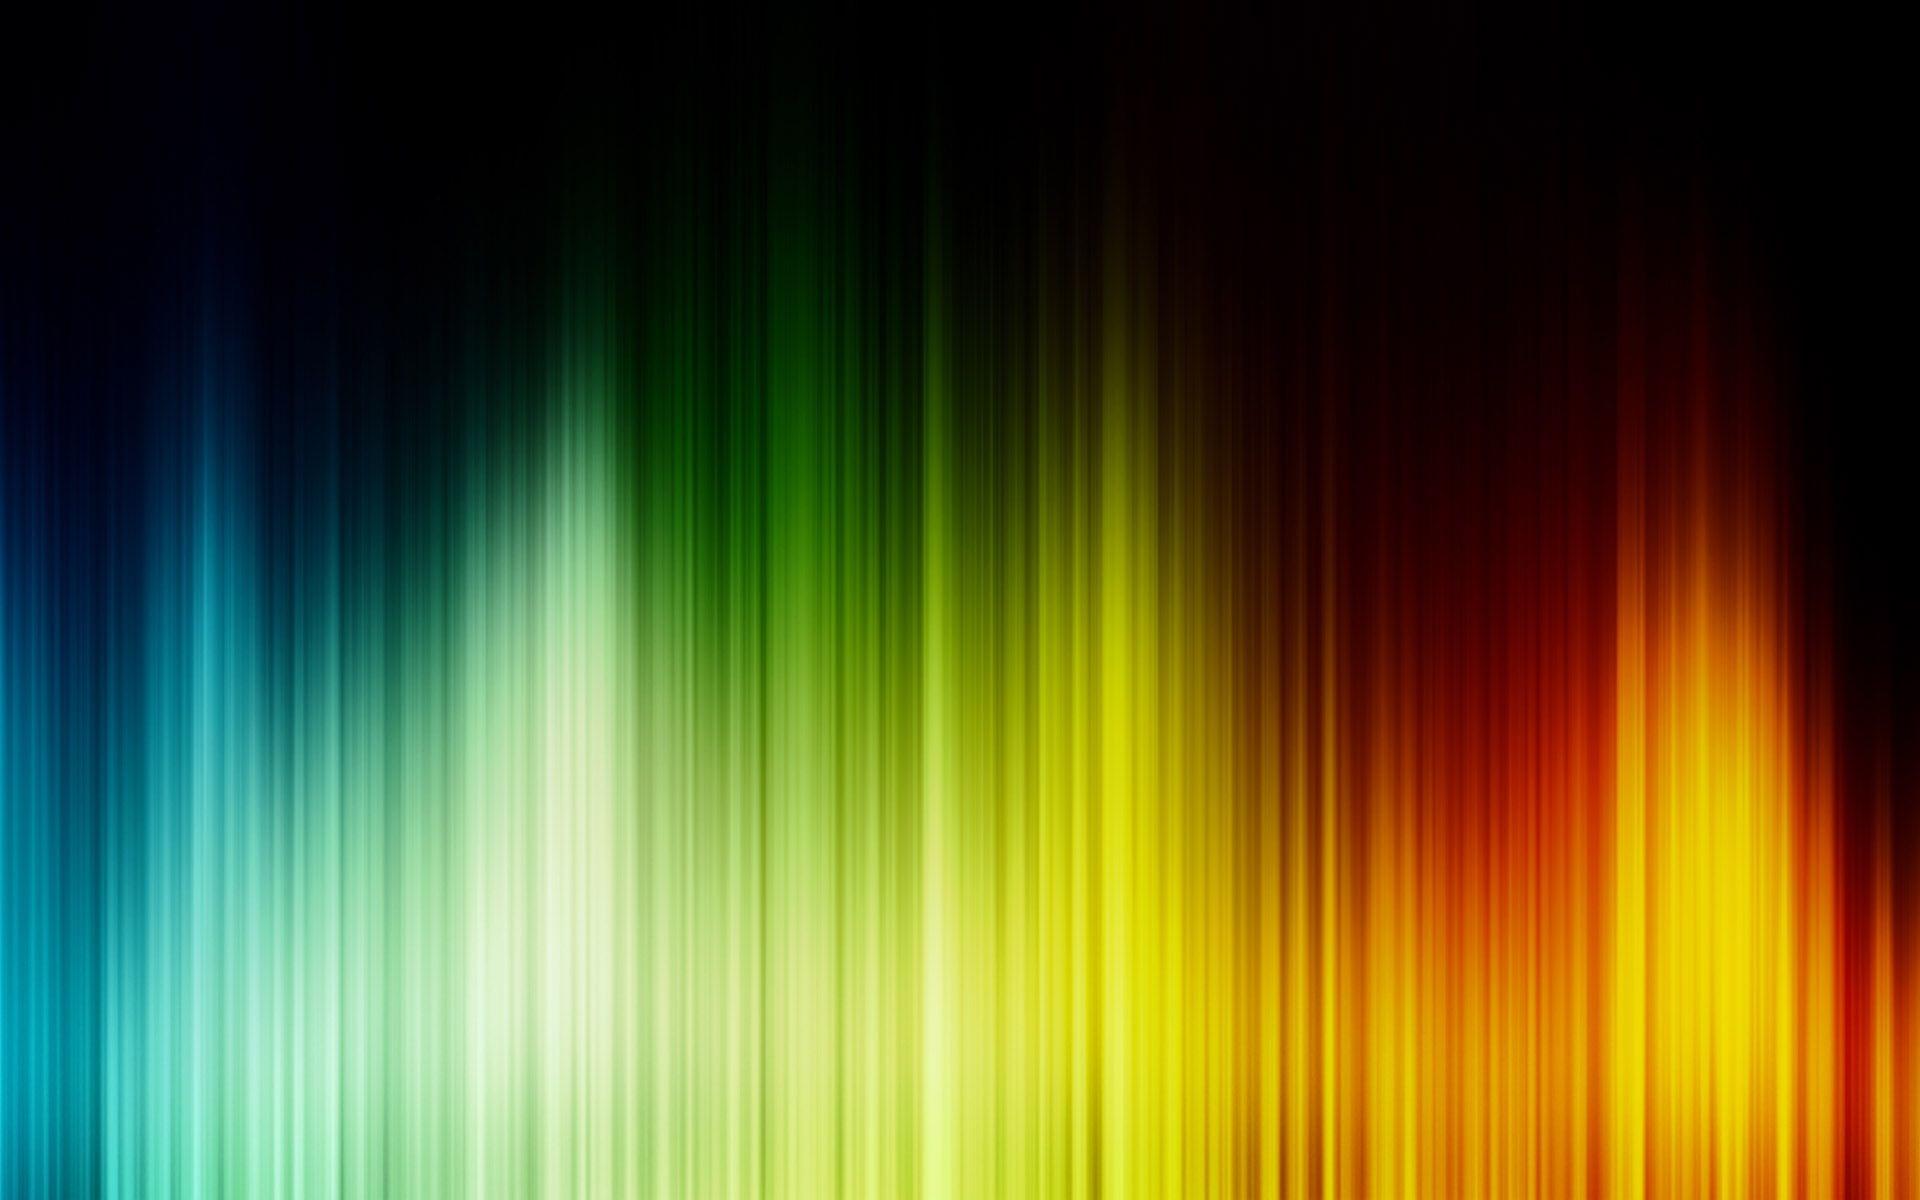 壁紙 縦線の色のストライプ 1920x1200 Hd 無料のデスクトップの背景 画像